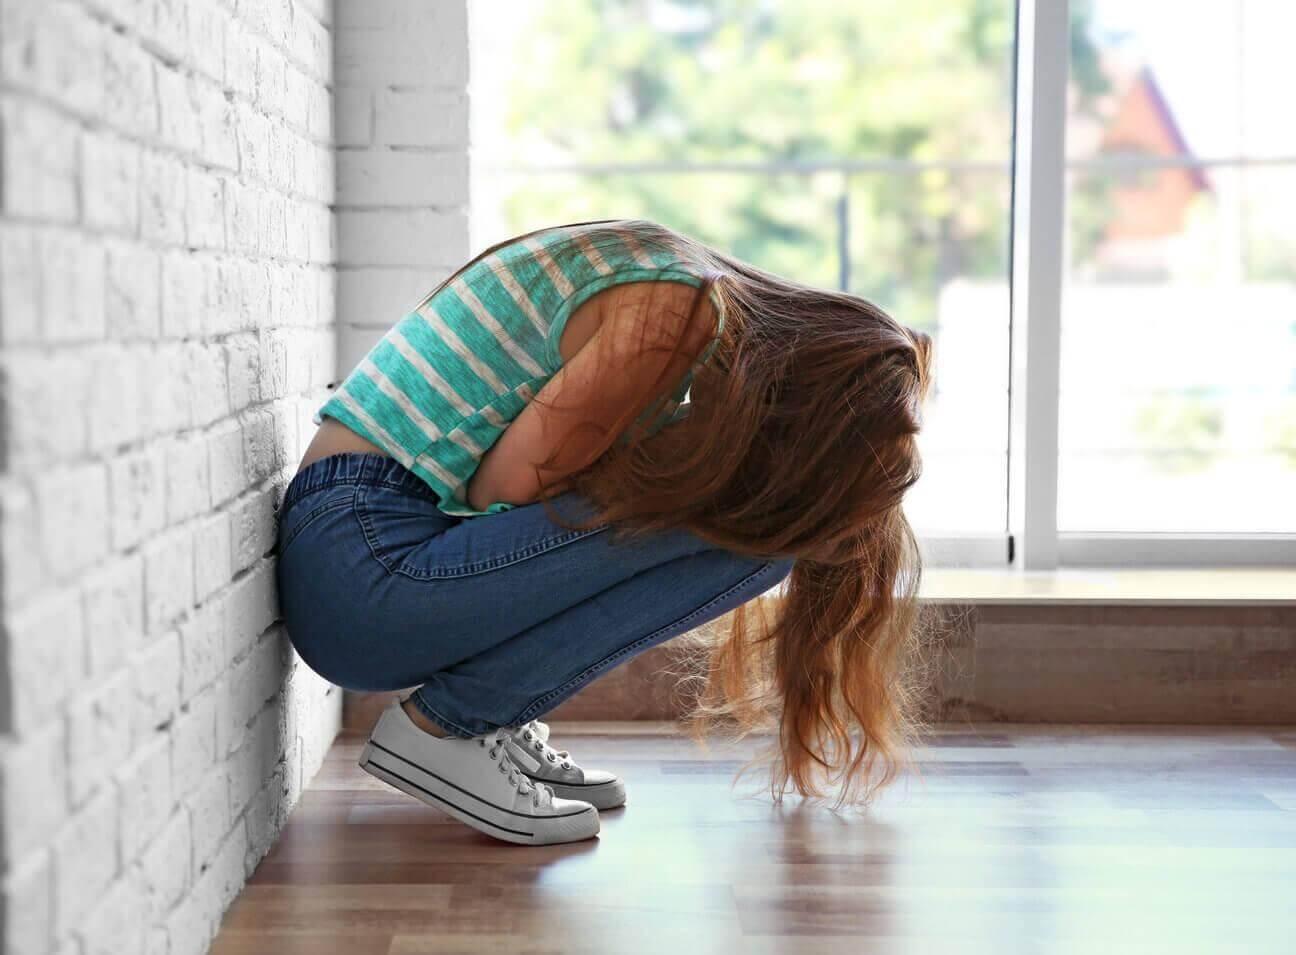 La crise d'identité à l'adolescence peut entraîner le jeune dans des moments intenses de joie ou de tristesse.